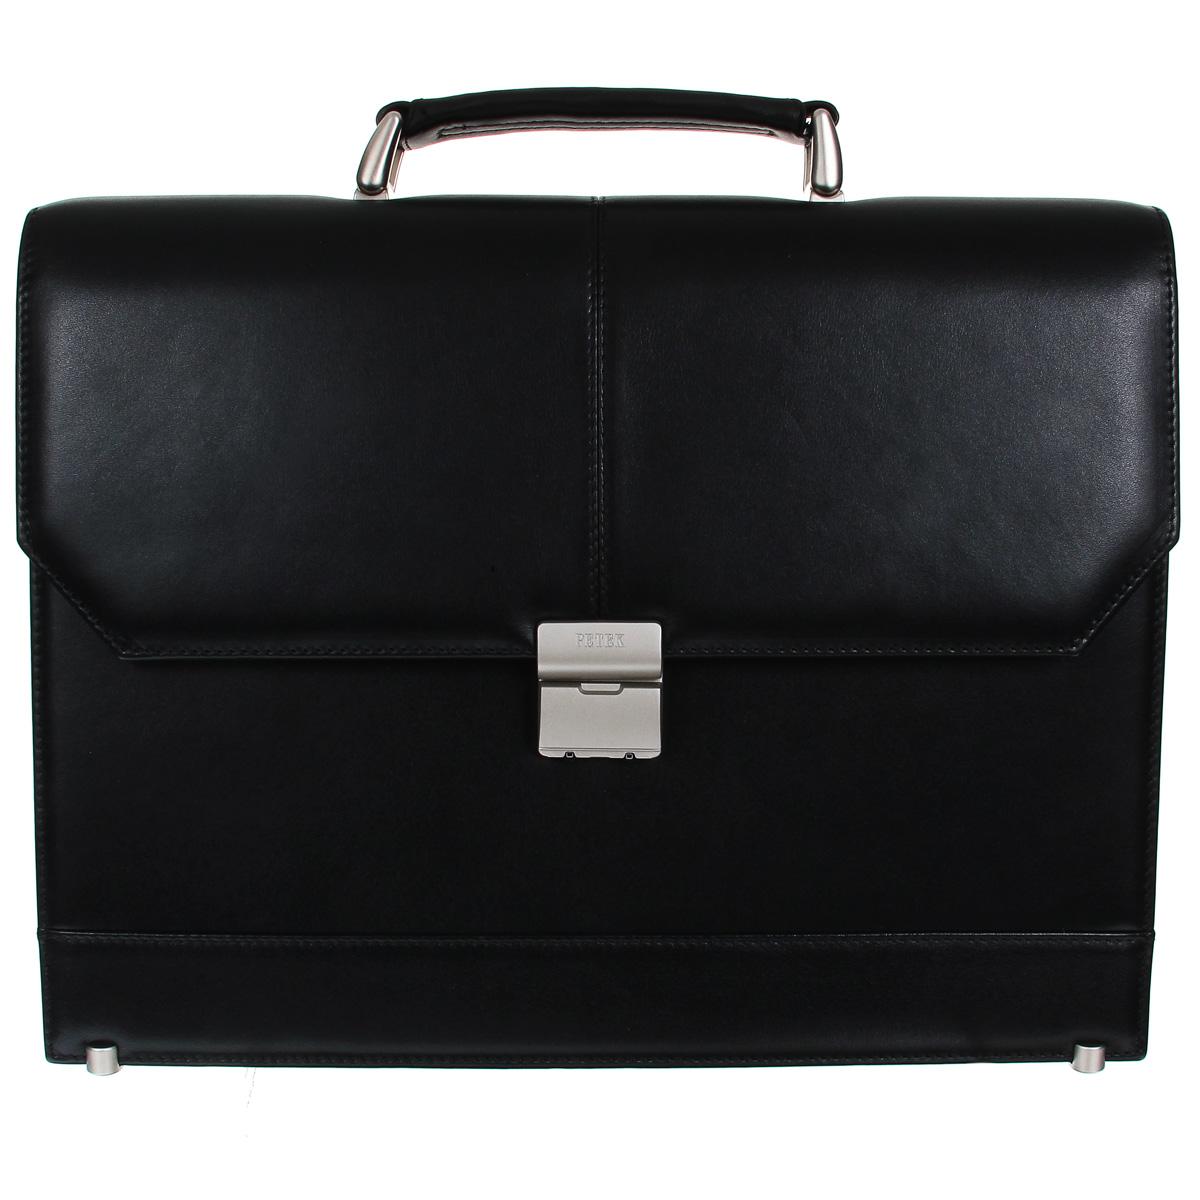 """Портфель мужской """"Petek"""", цвет: черный. 791.000.01 Petek 1855 791.000.01 Black"""